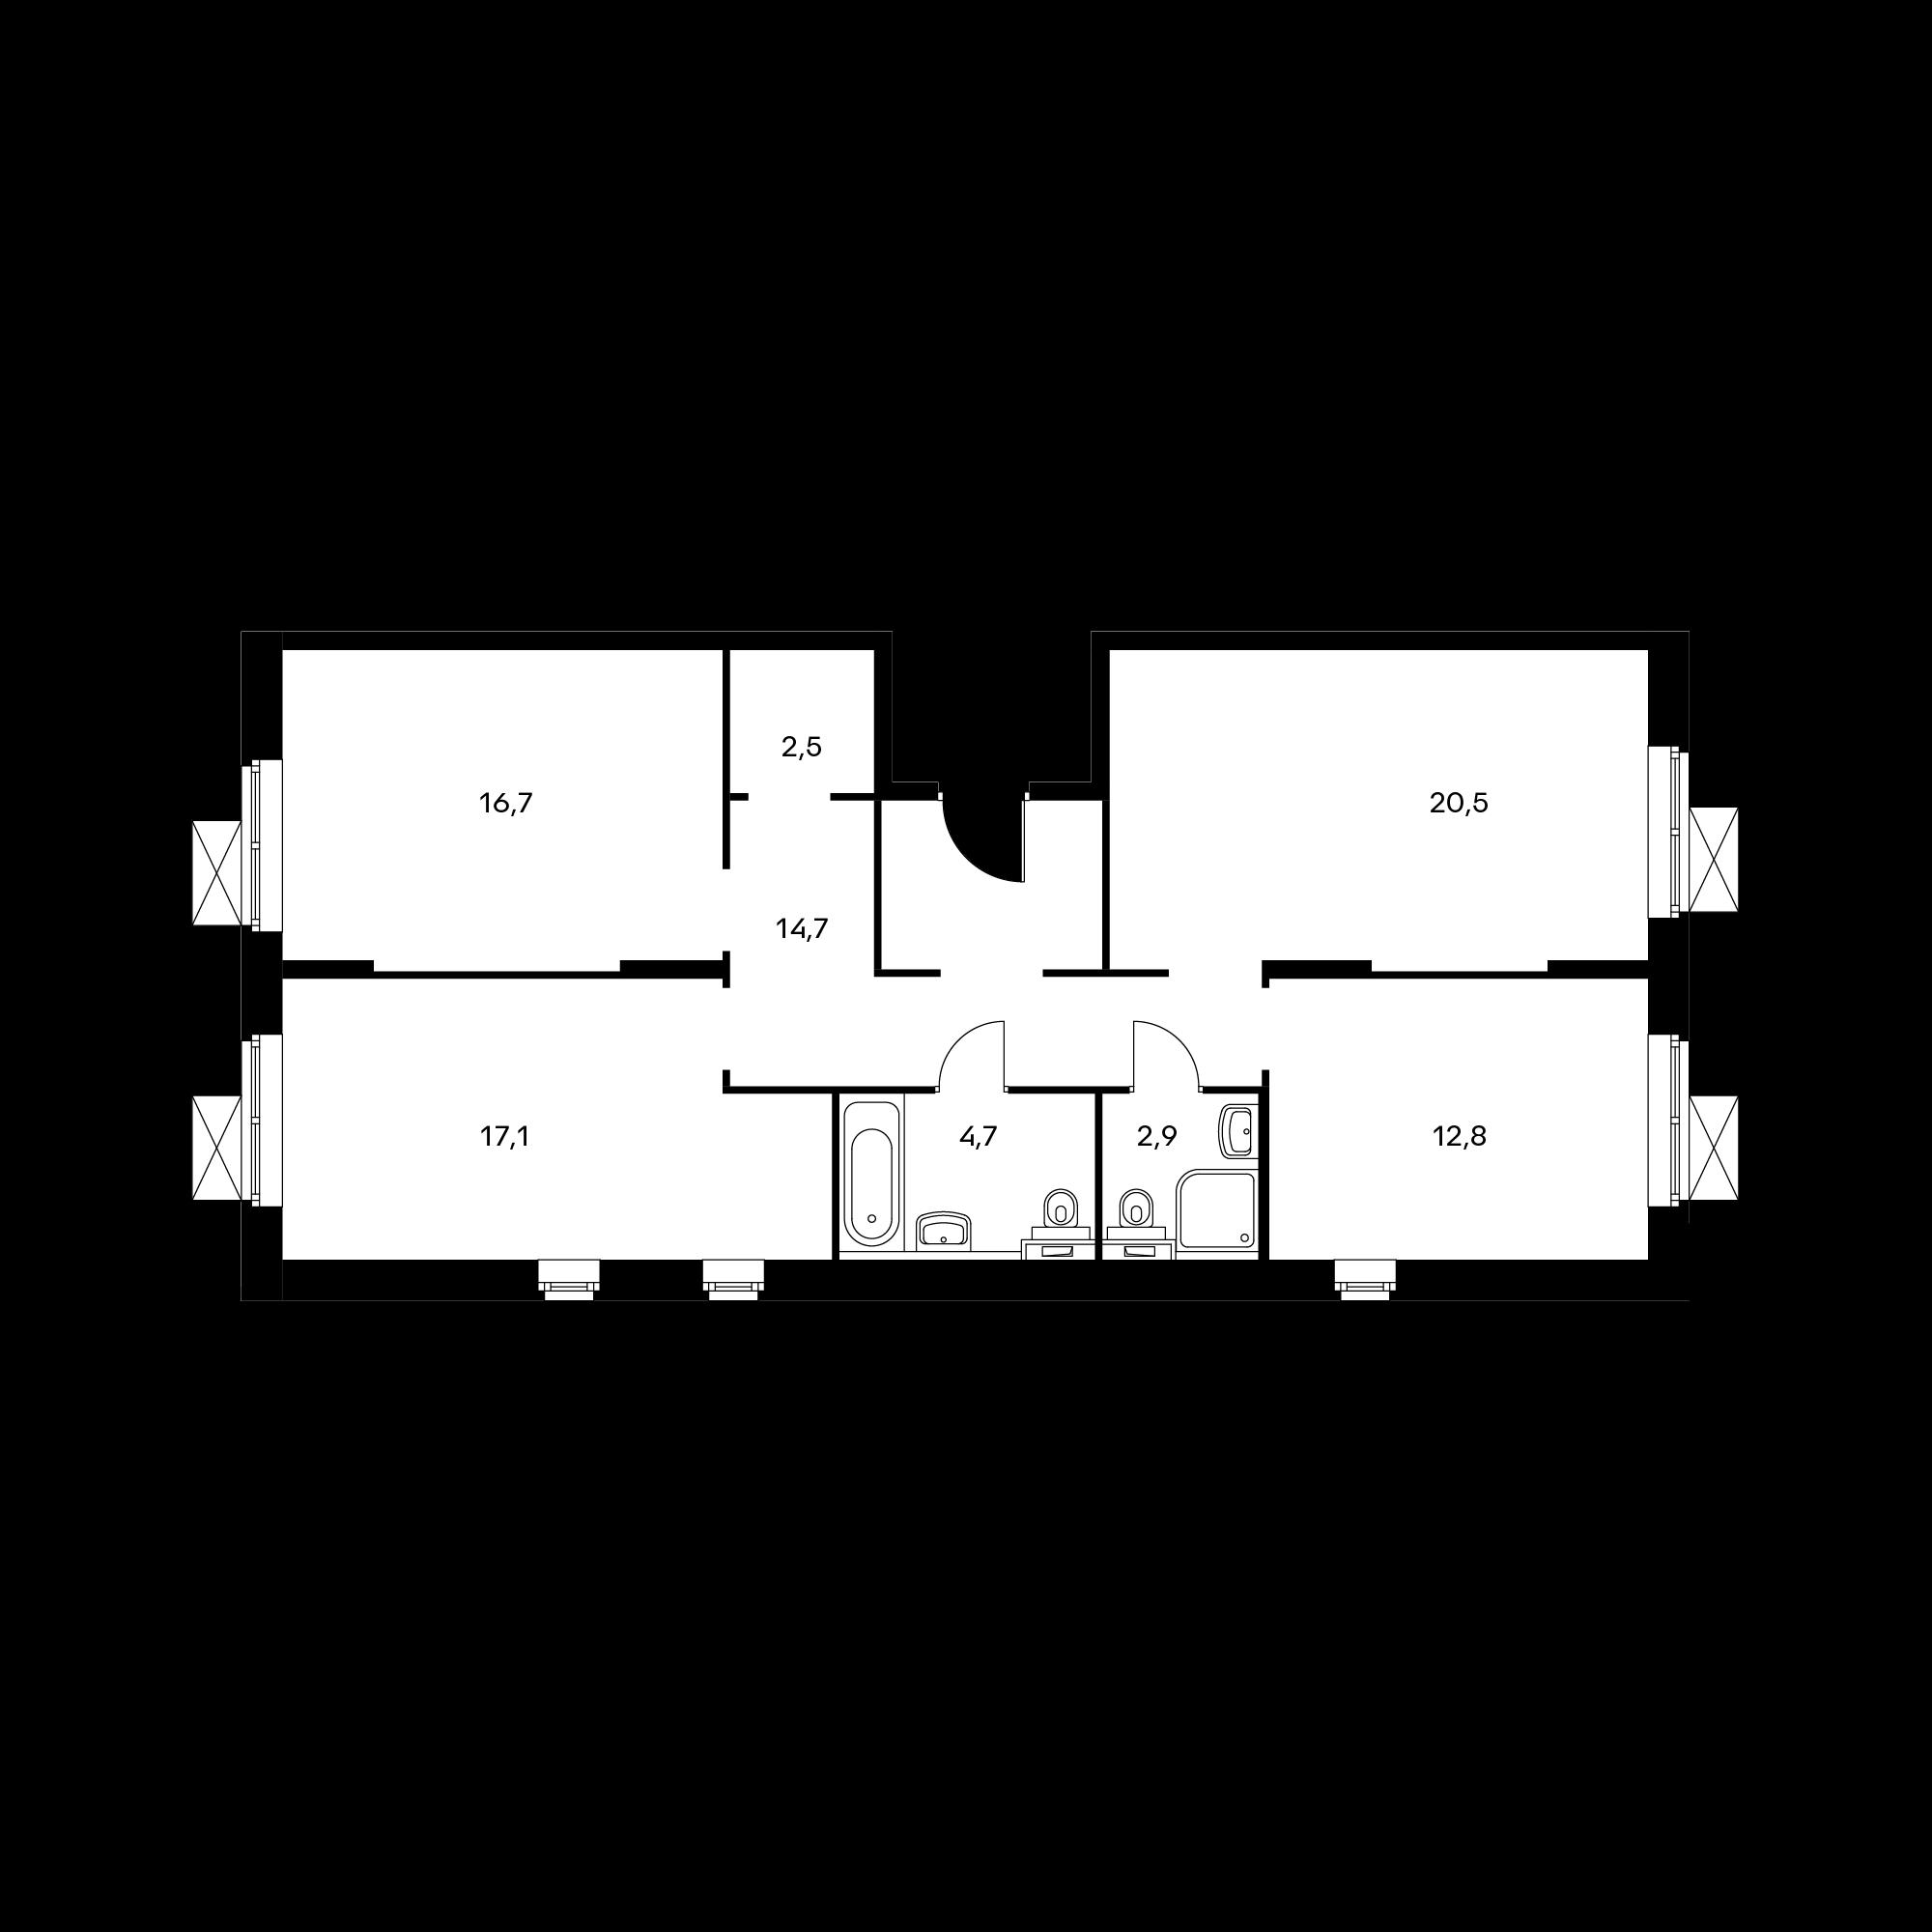 3EL5_6.9-1_T_Z